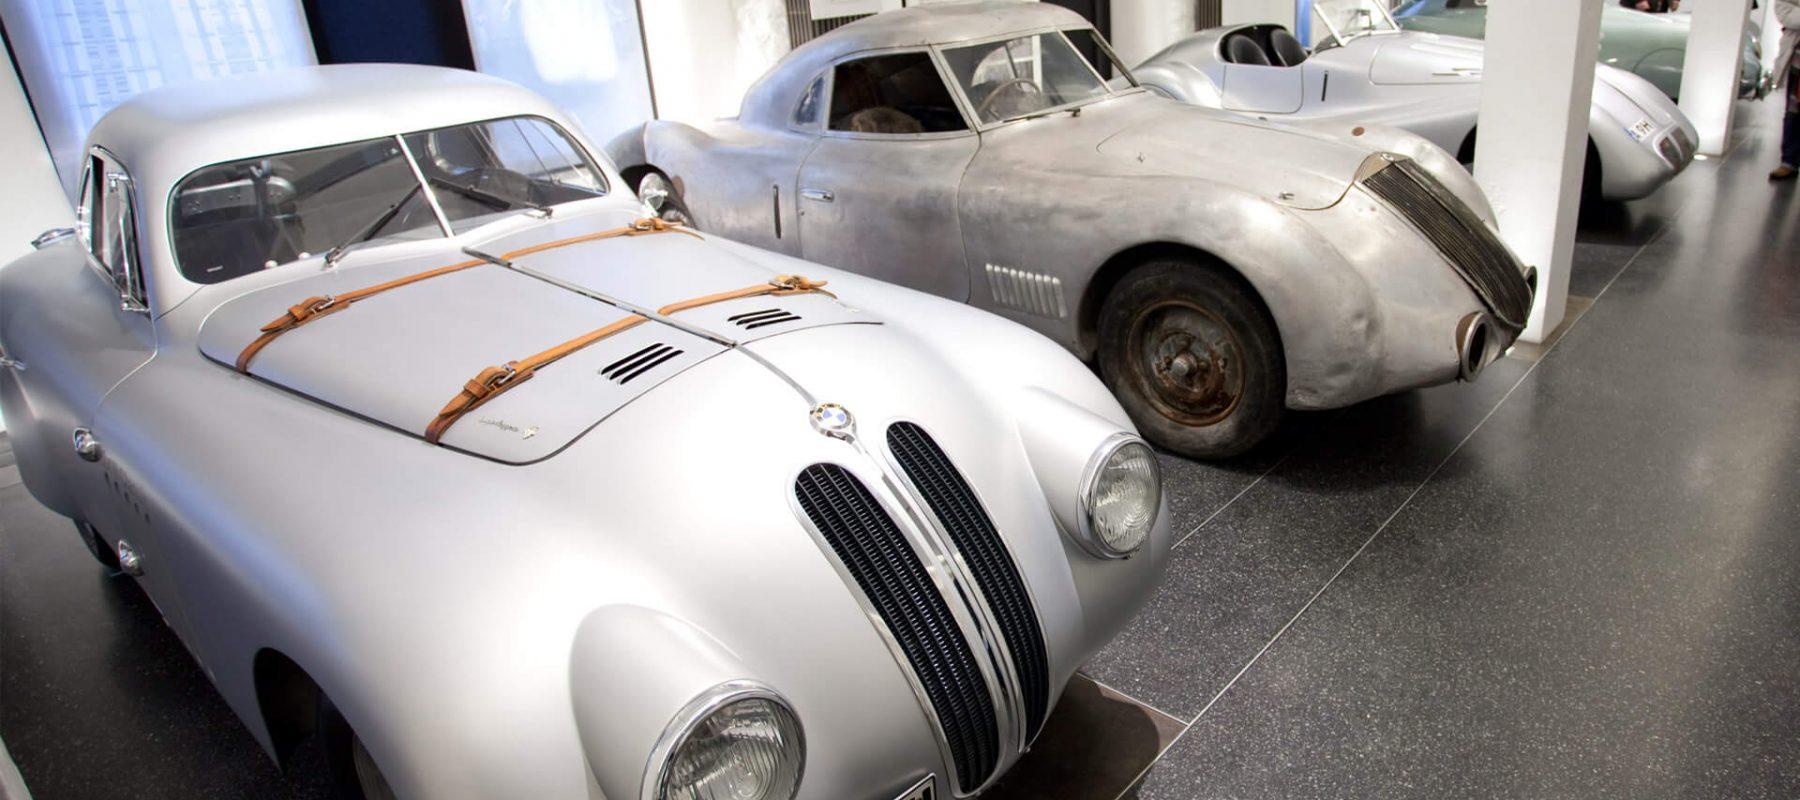 """2009 präsentierte das Hamburger Automuseum Prototyp mit der Sonderausstellung """"Stromlinie"""" außergewöhnliche aerodynamische Fahrzeuge, wie den Porsche Typ 64 oder den Mercedes-Benz C 111-3 Nardo."""